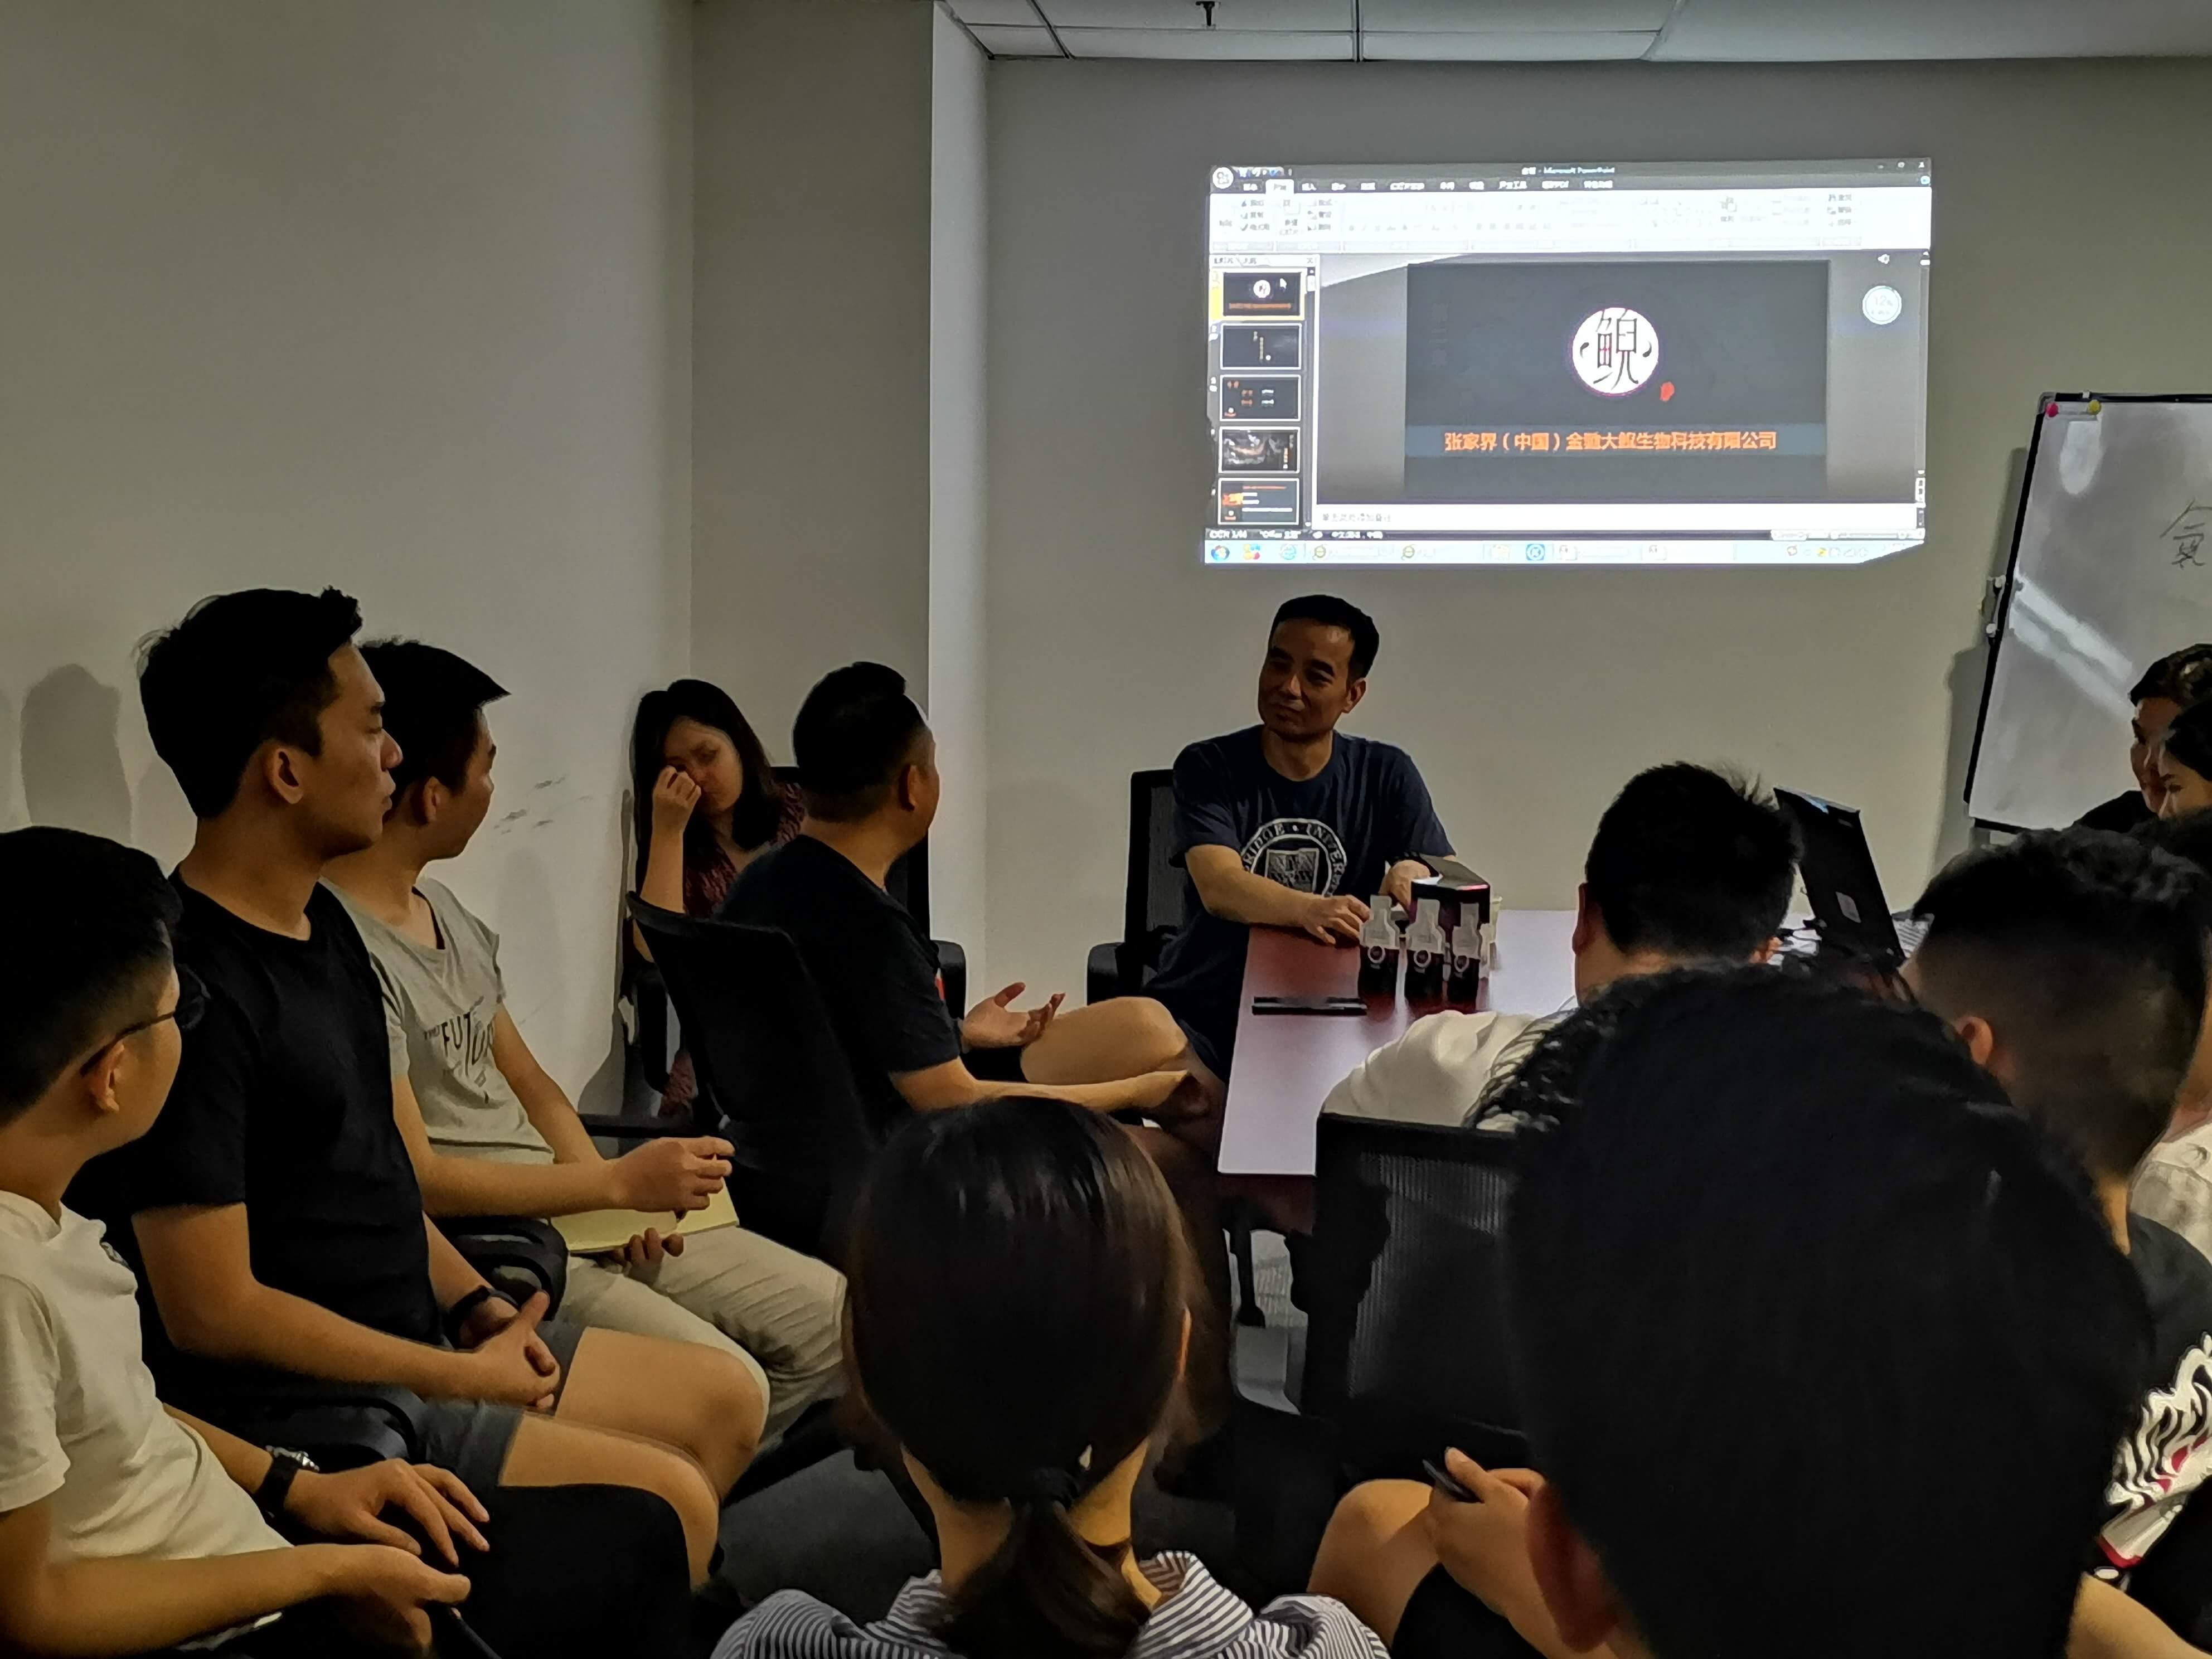 2019-09-04,金驰生物与广州星满园在广州举行合作会议